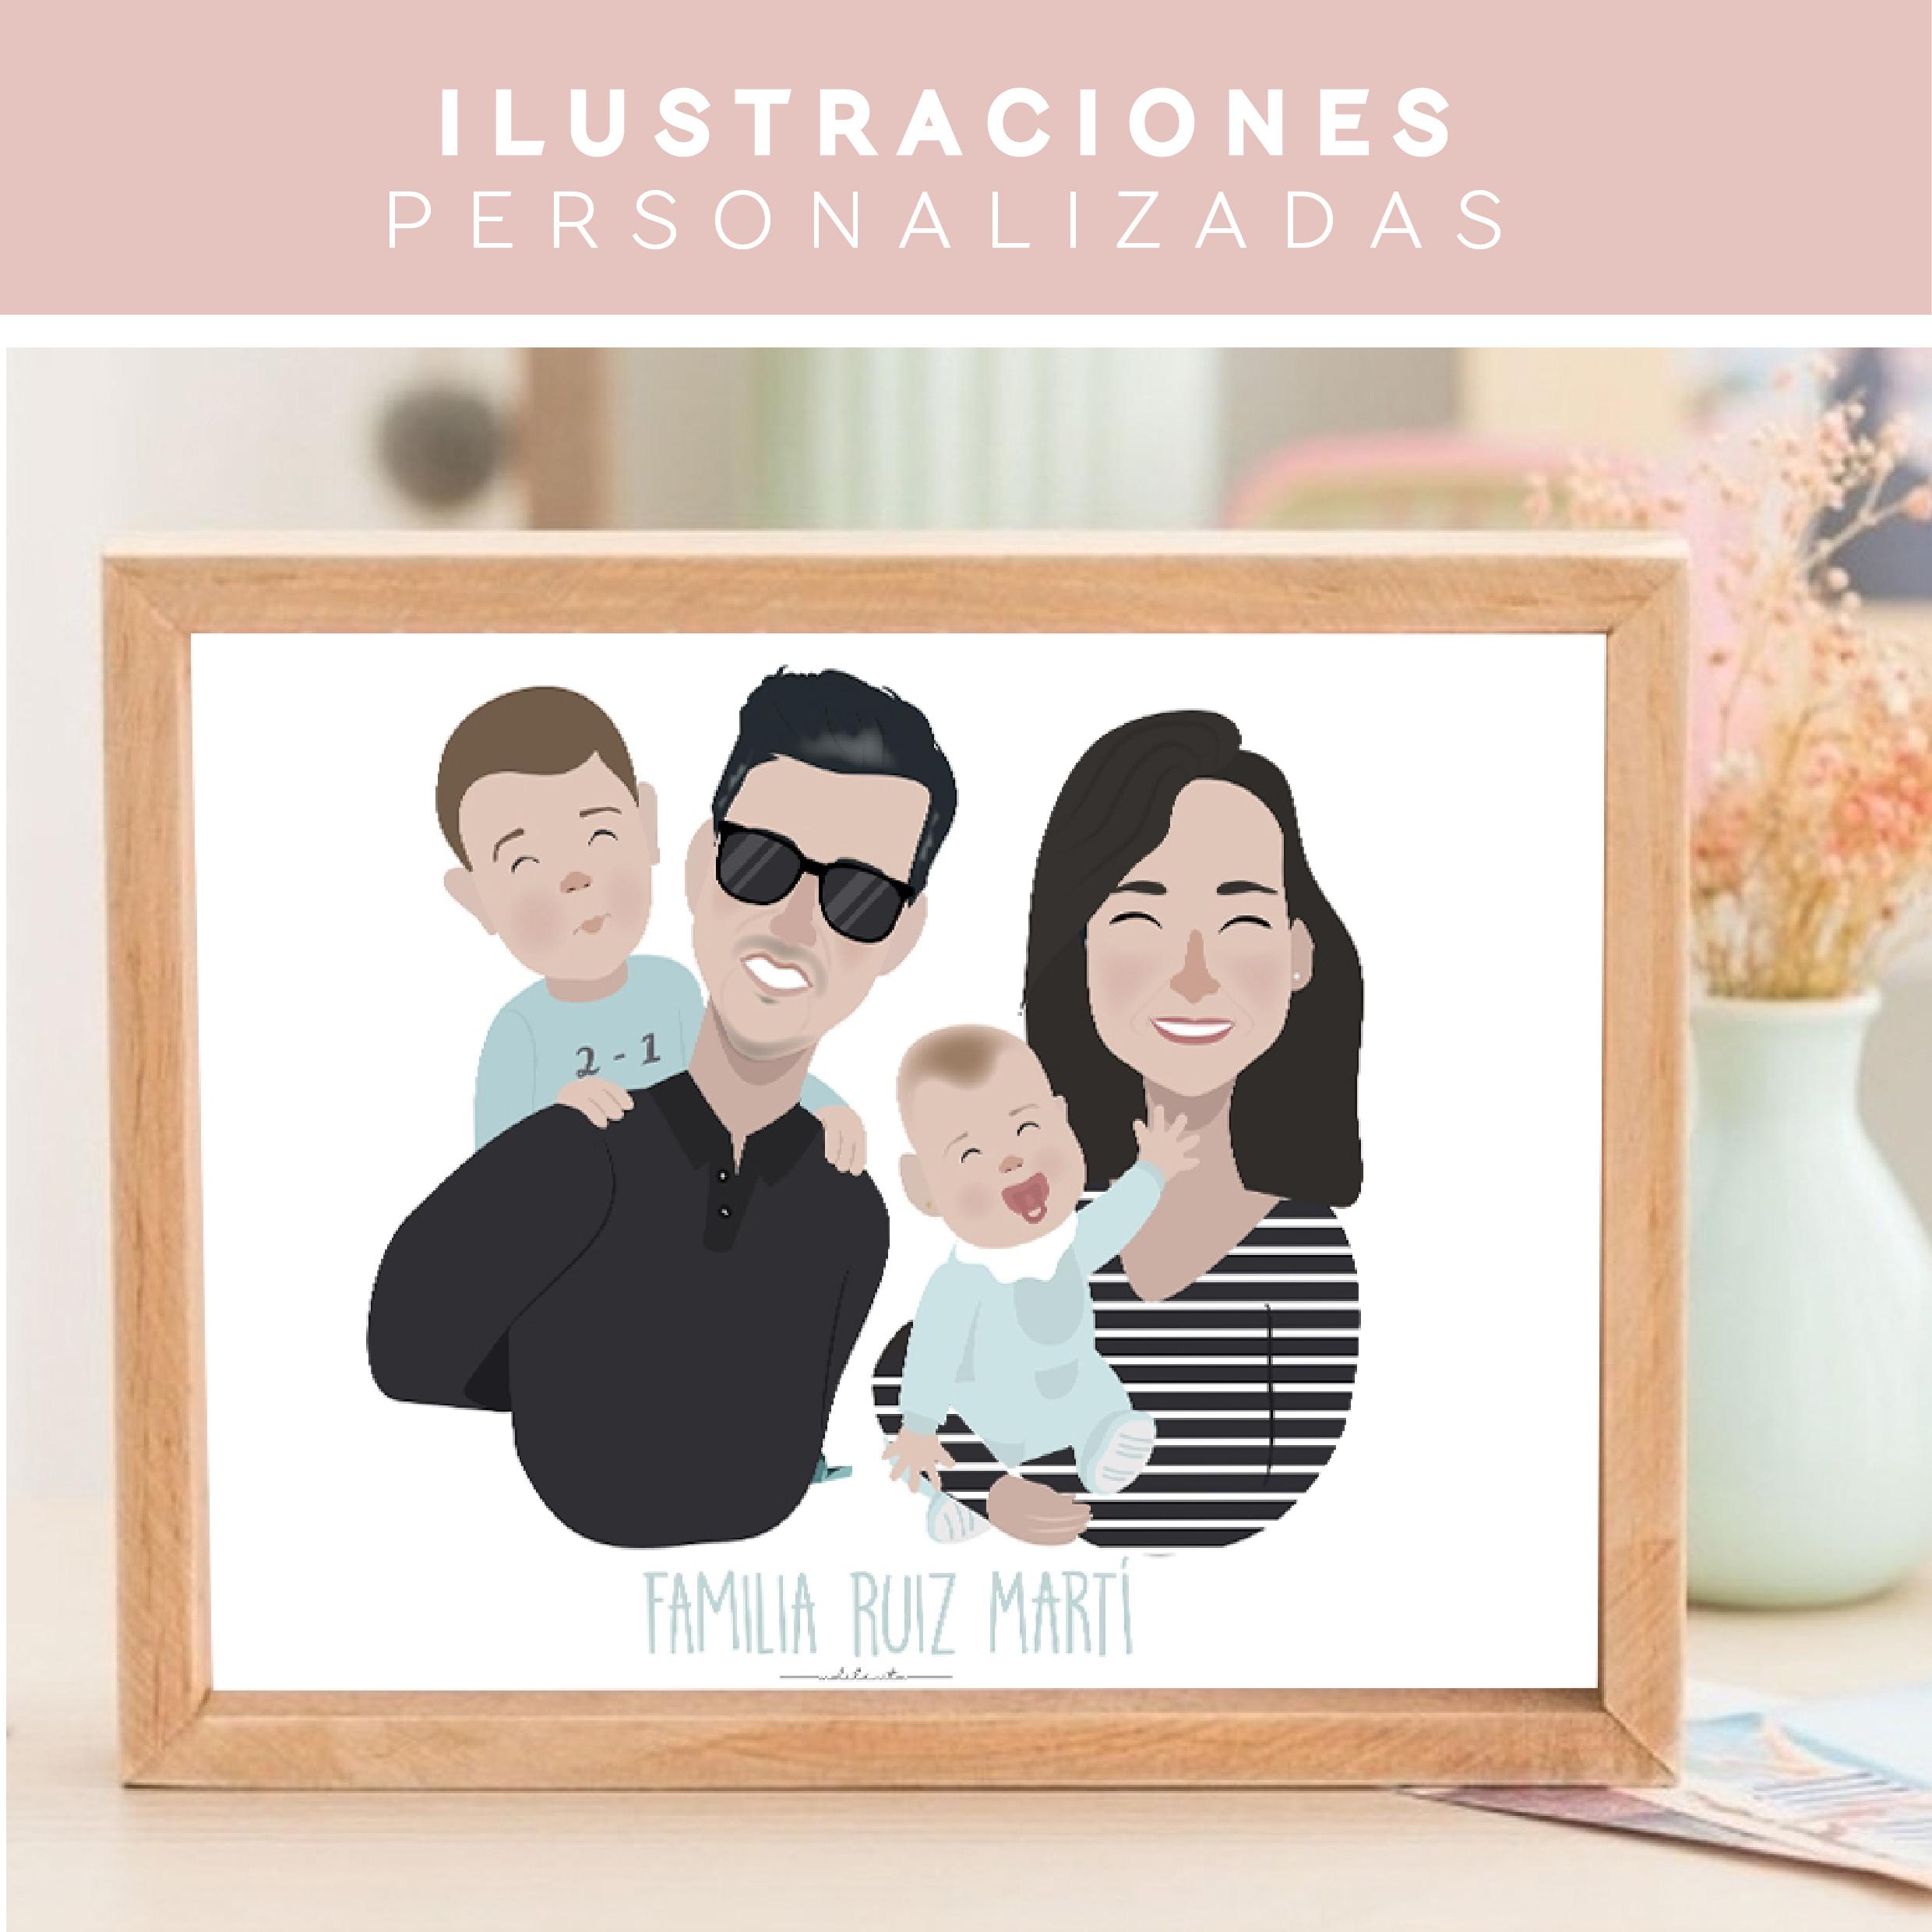 ilustraciones-personalizadas-laminas-nacimiento-bebe-embarazo-definicion-regalo-original-amiga-mama-papa-soislossiguientes-boda-invitacionboda-wedding-comunion-recordatorio-branding-logotipos-logo-asturias-mdebenito-01.jpg